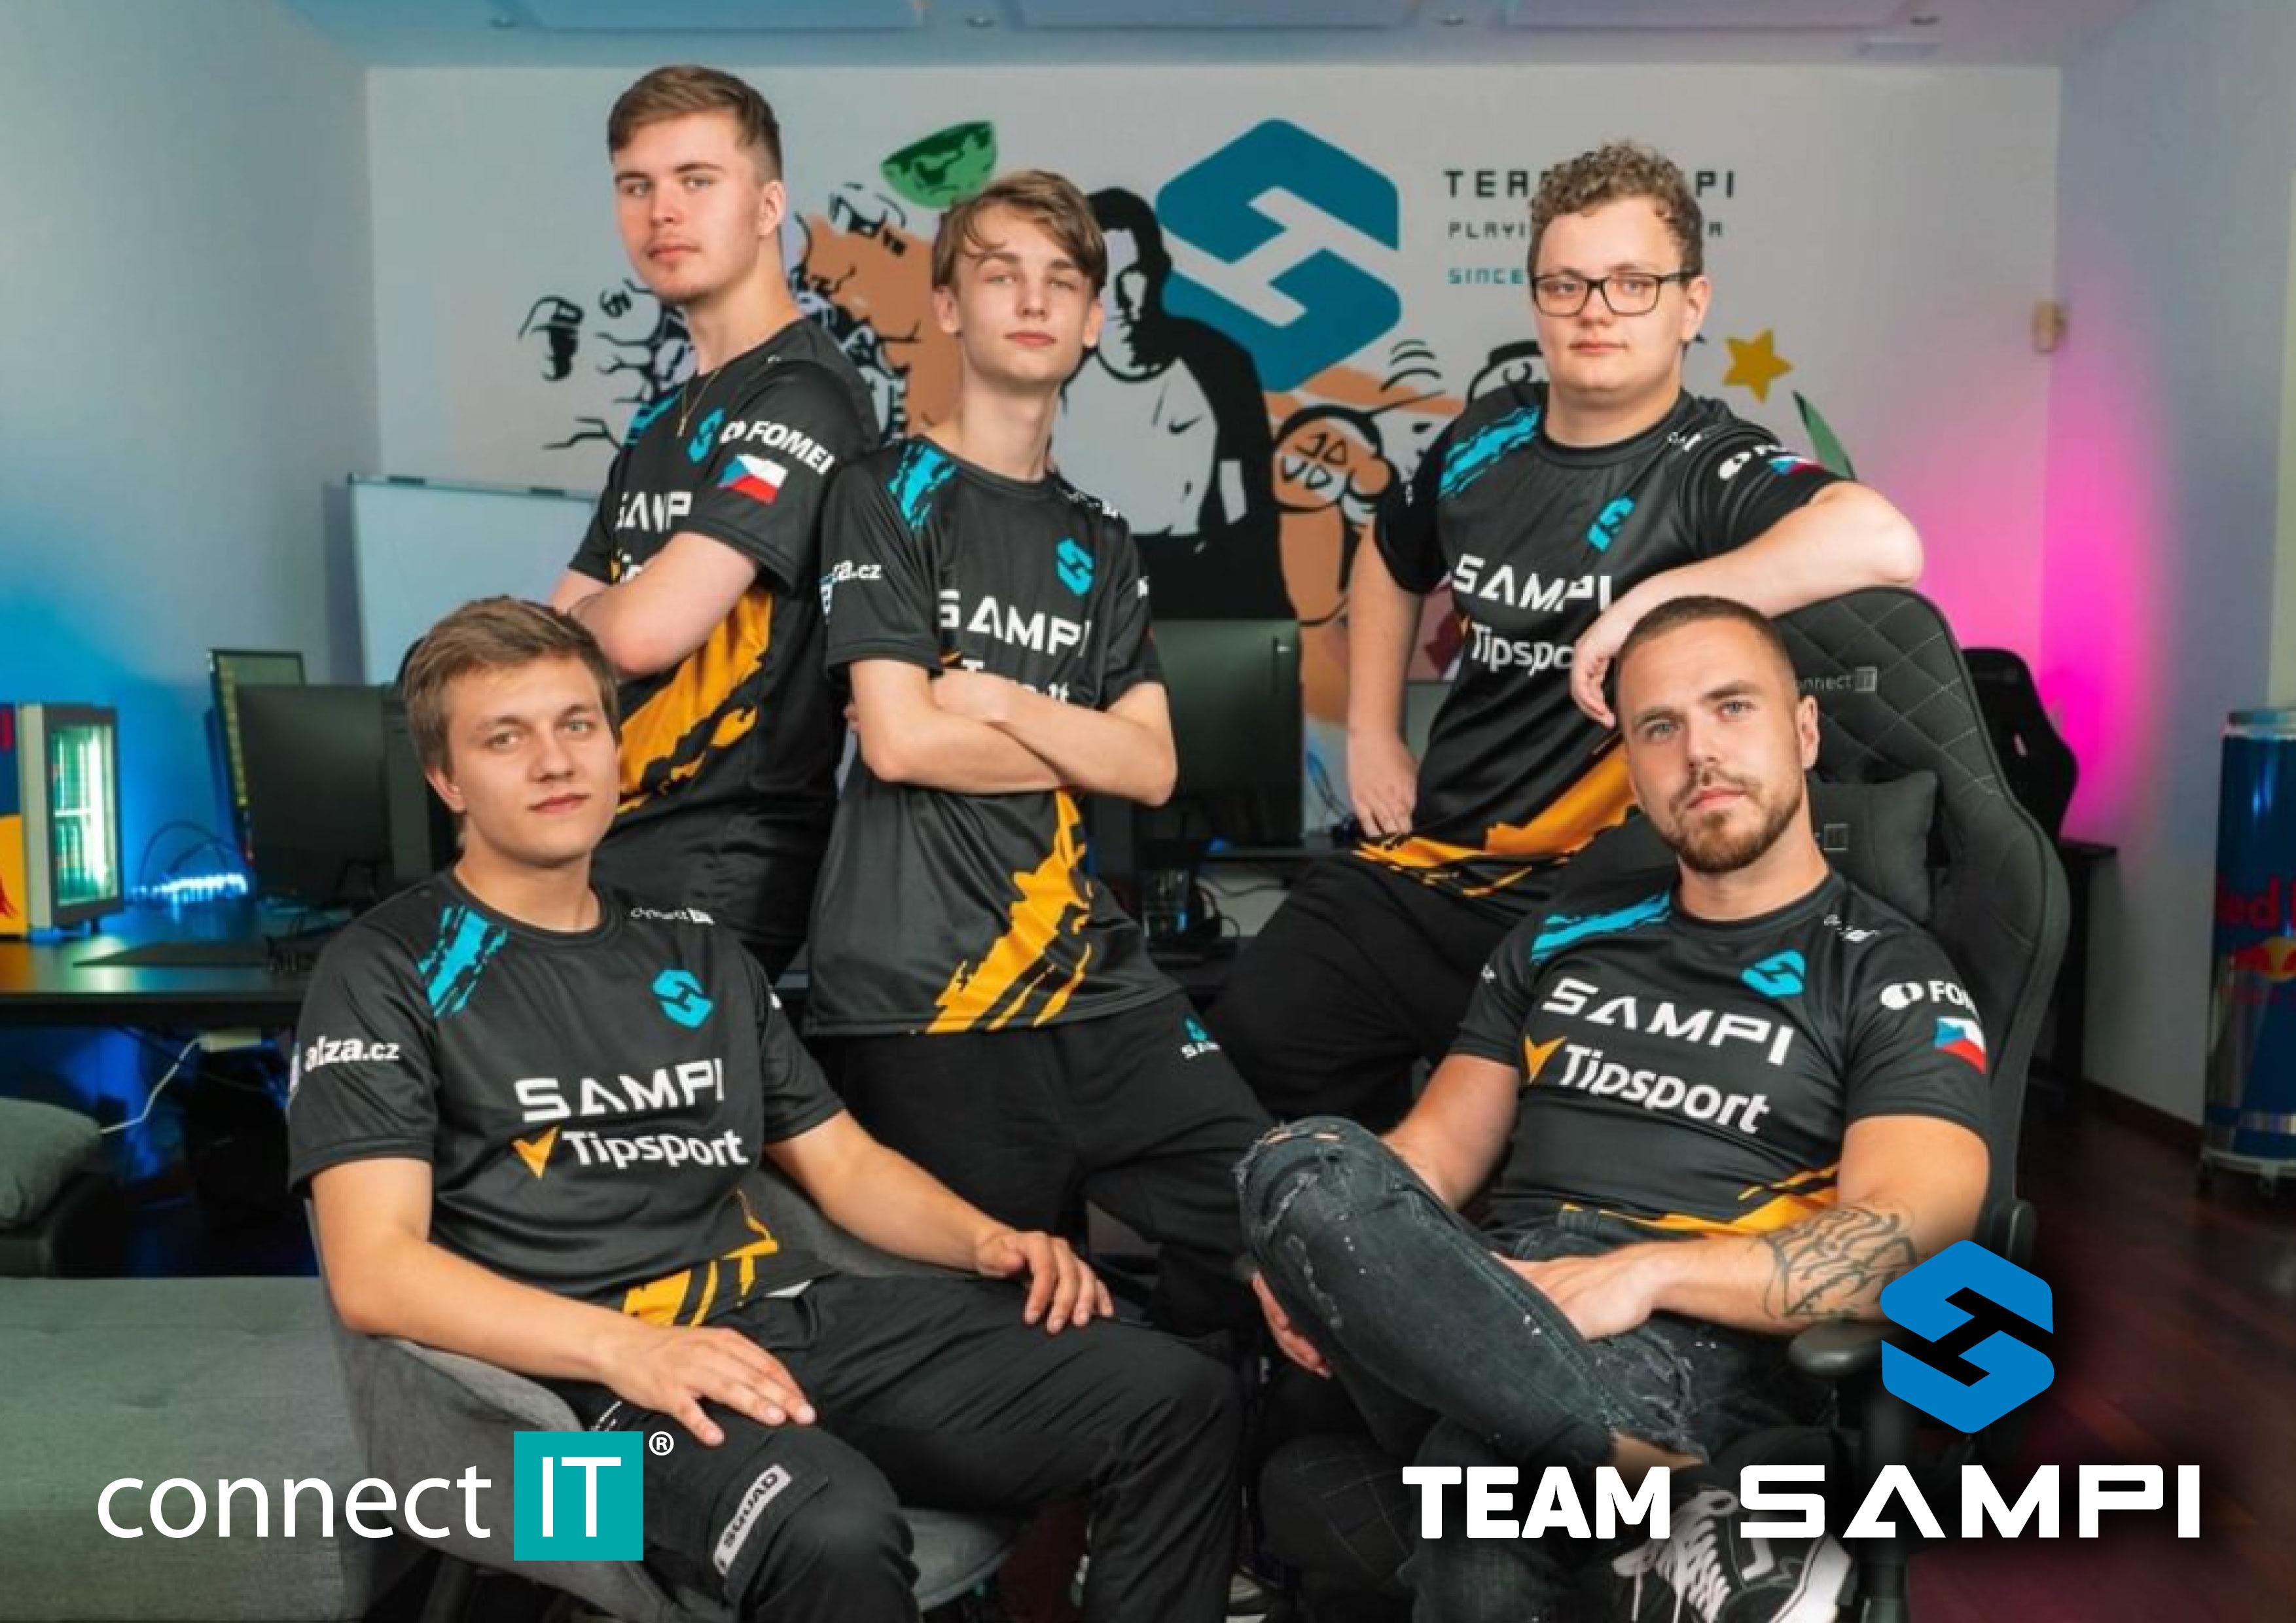 Team-Sampi